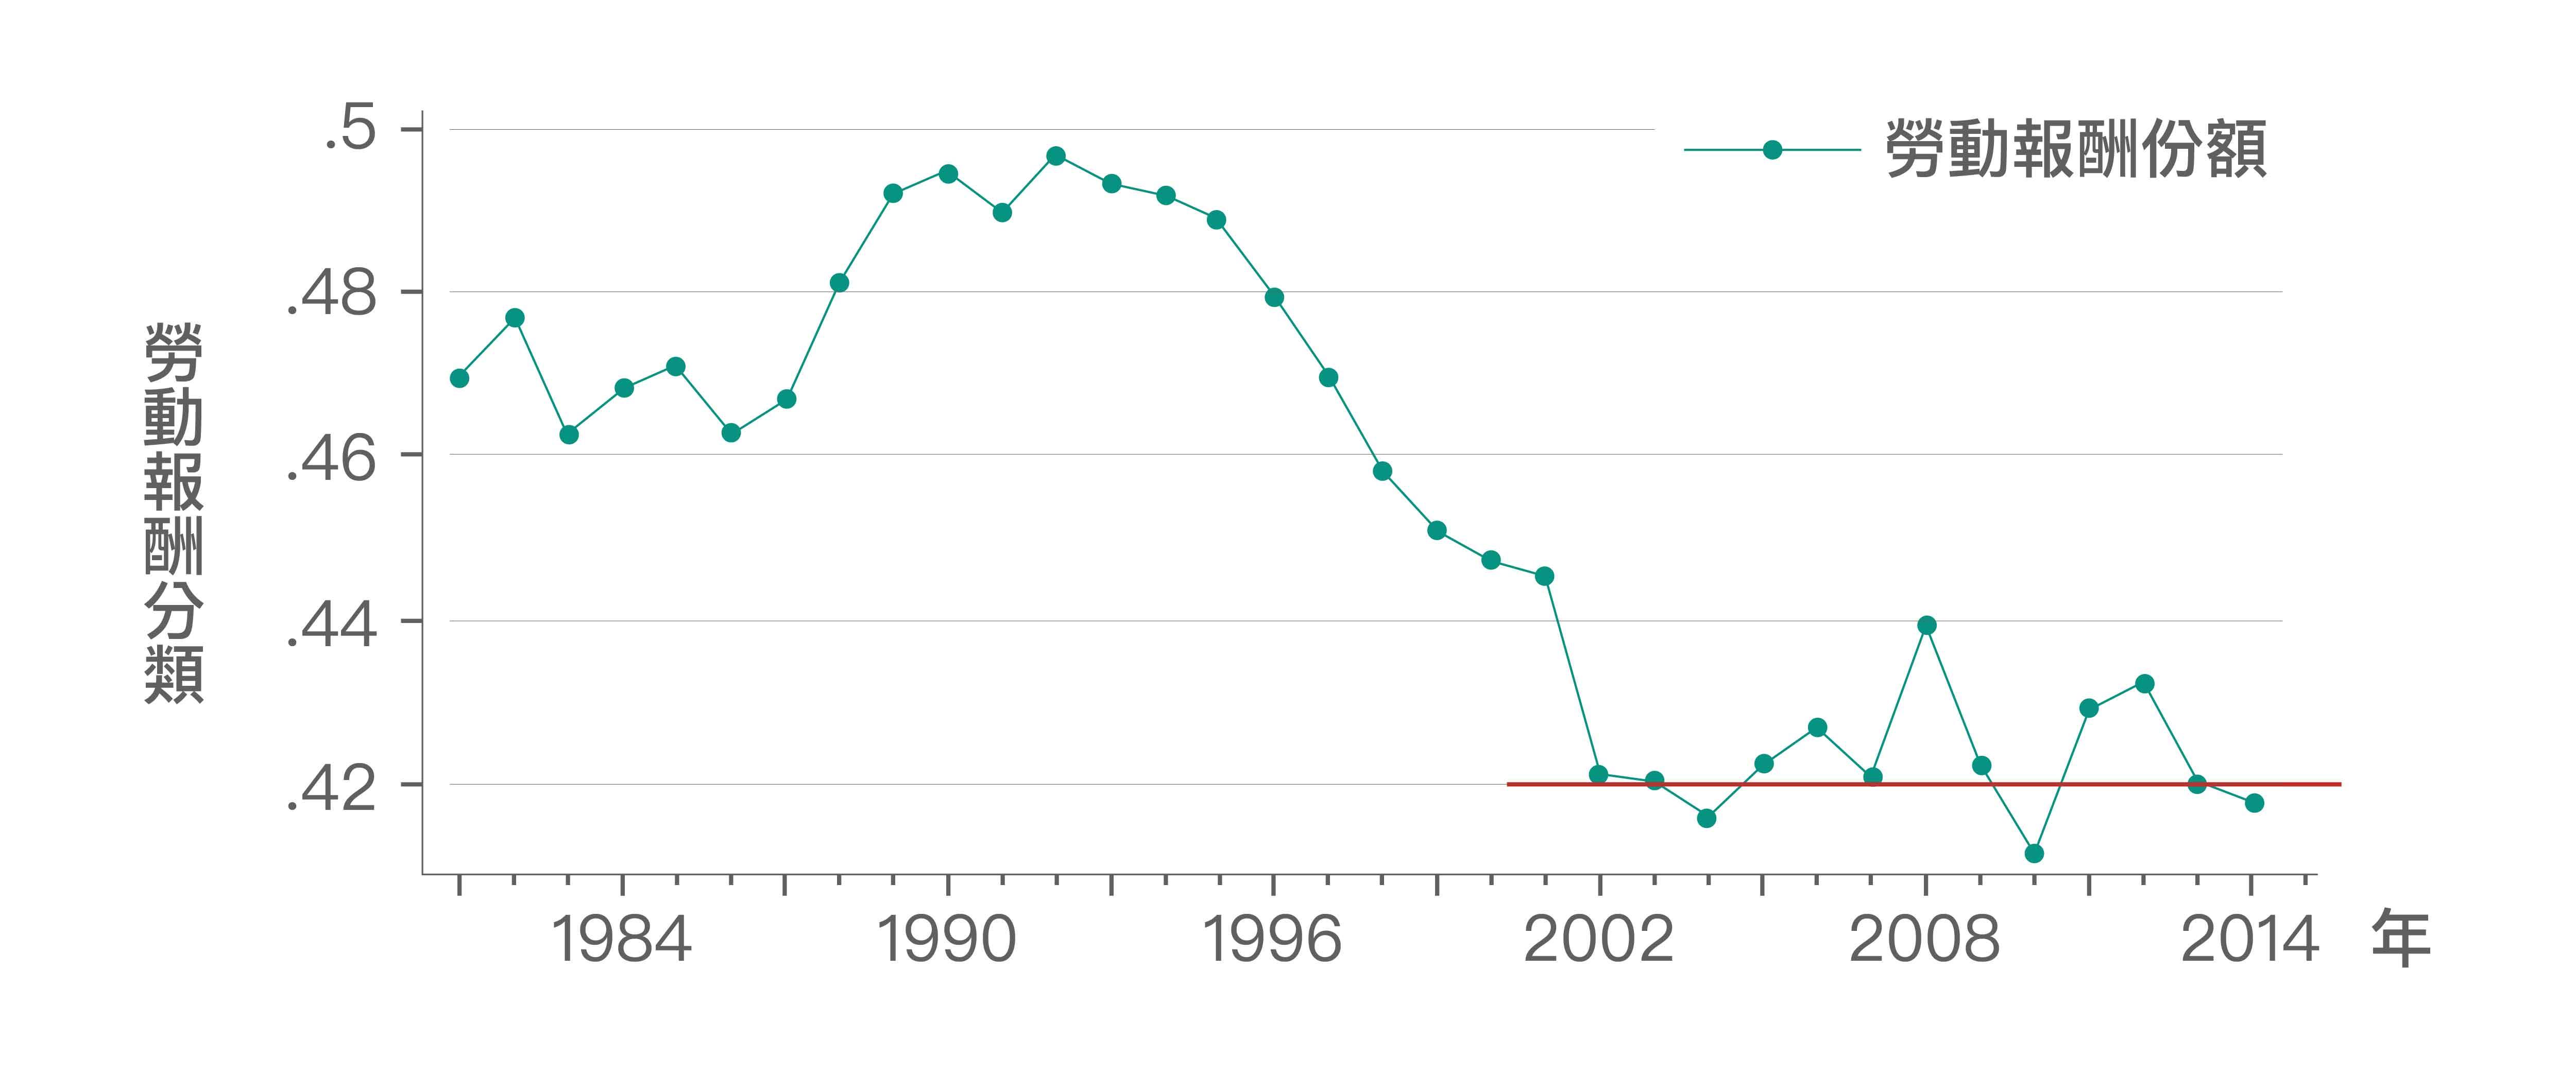 多數人「直覺上」認為這反映勞動報酬份額下滑。但根據資料顯示,勞動報酬份額在2002年後停止下降趨勢,且在42%上下波動,因此,勞動報酬份額可能並非造成勞動生產力與實質薪資成長脫勾擴大的主因。圖│《經濟成長、薪資停滯?初探臺灣實質薪資與勞動生產力脫勾的成因》,作者:林依伶、楊子霆